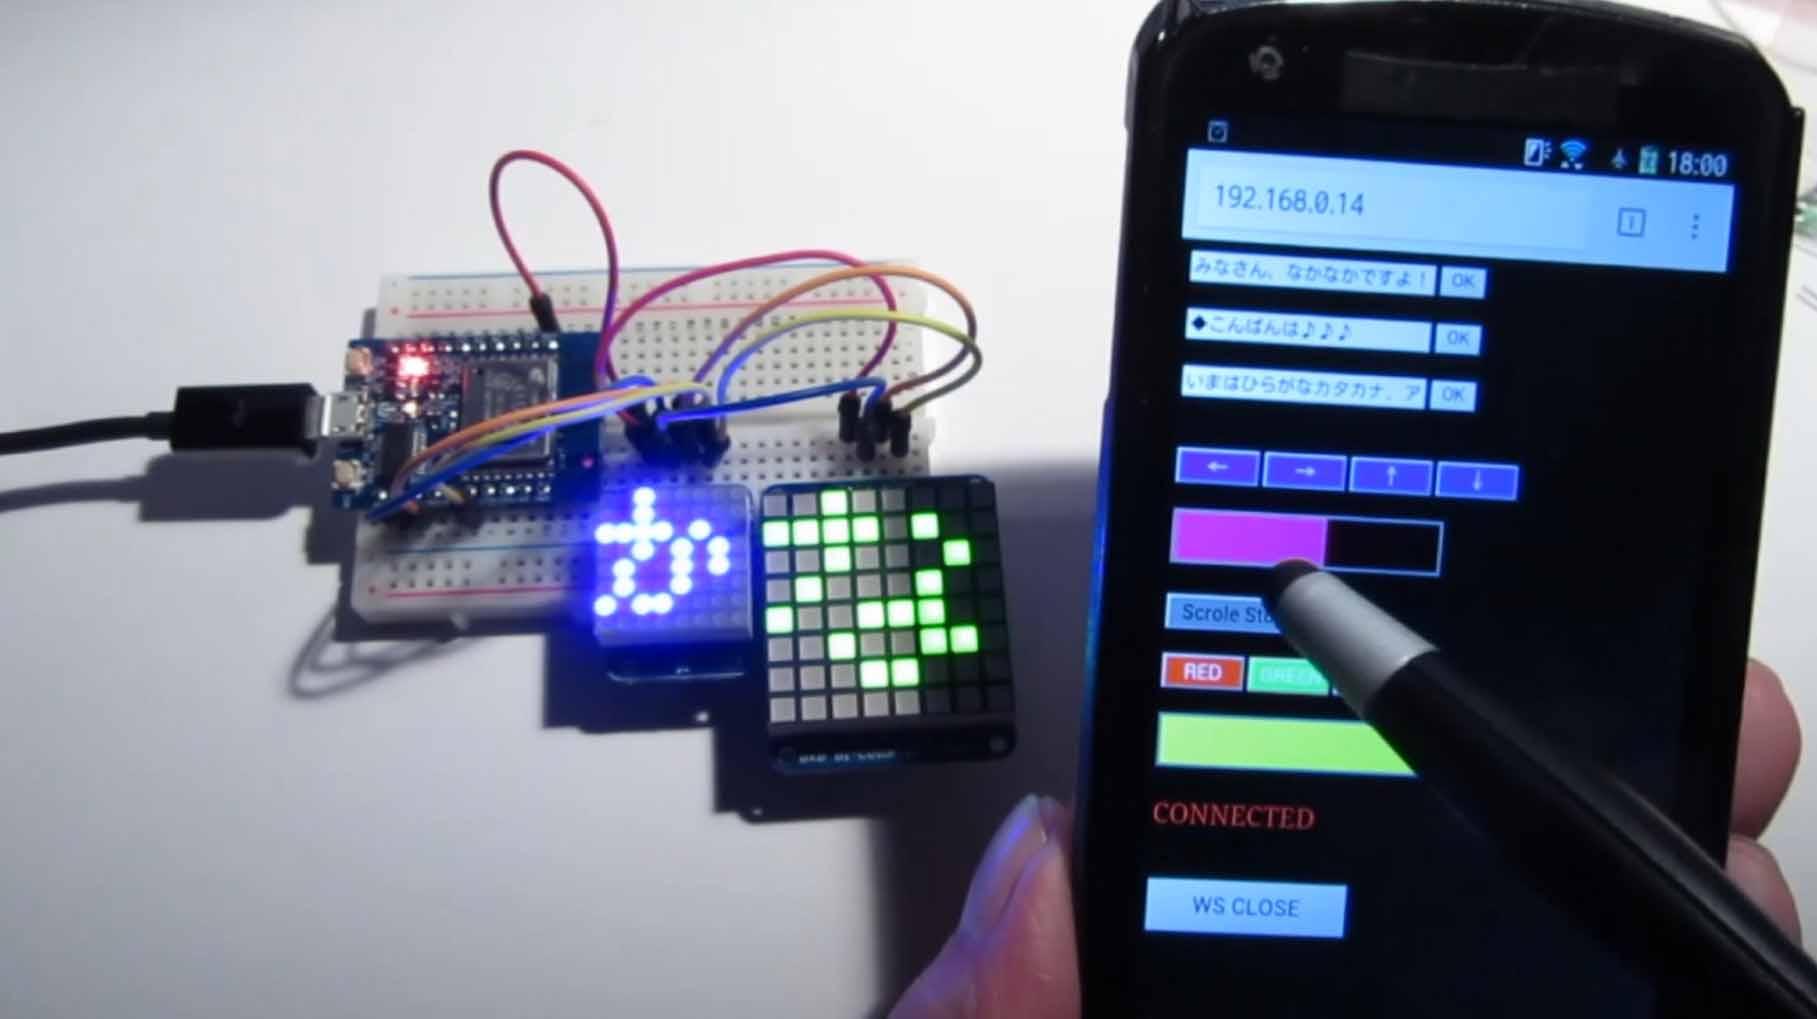 LEDマトリックスに平仮名カタカナをスクロールさせ、スマホからリアルタイム制御してみました